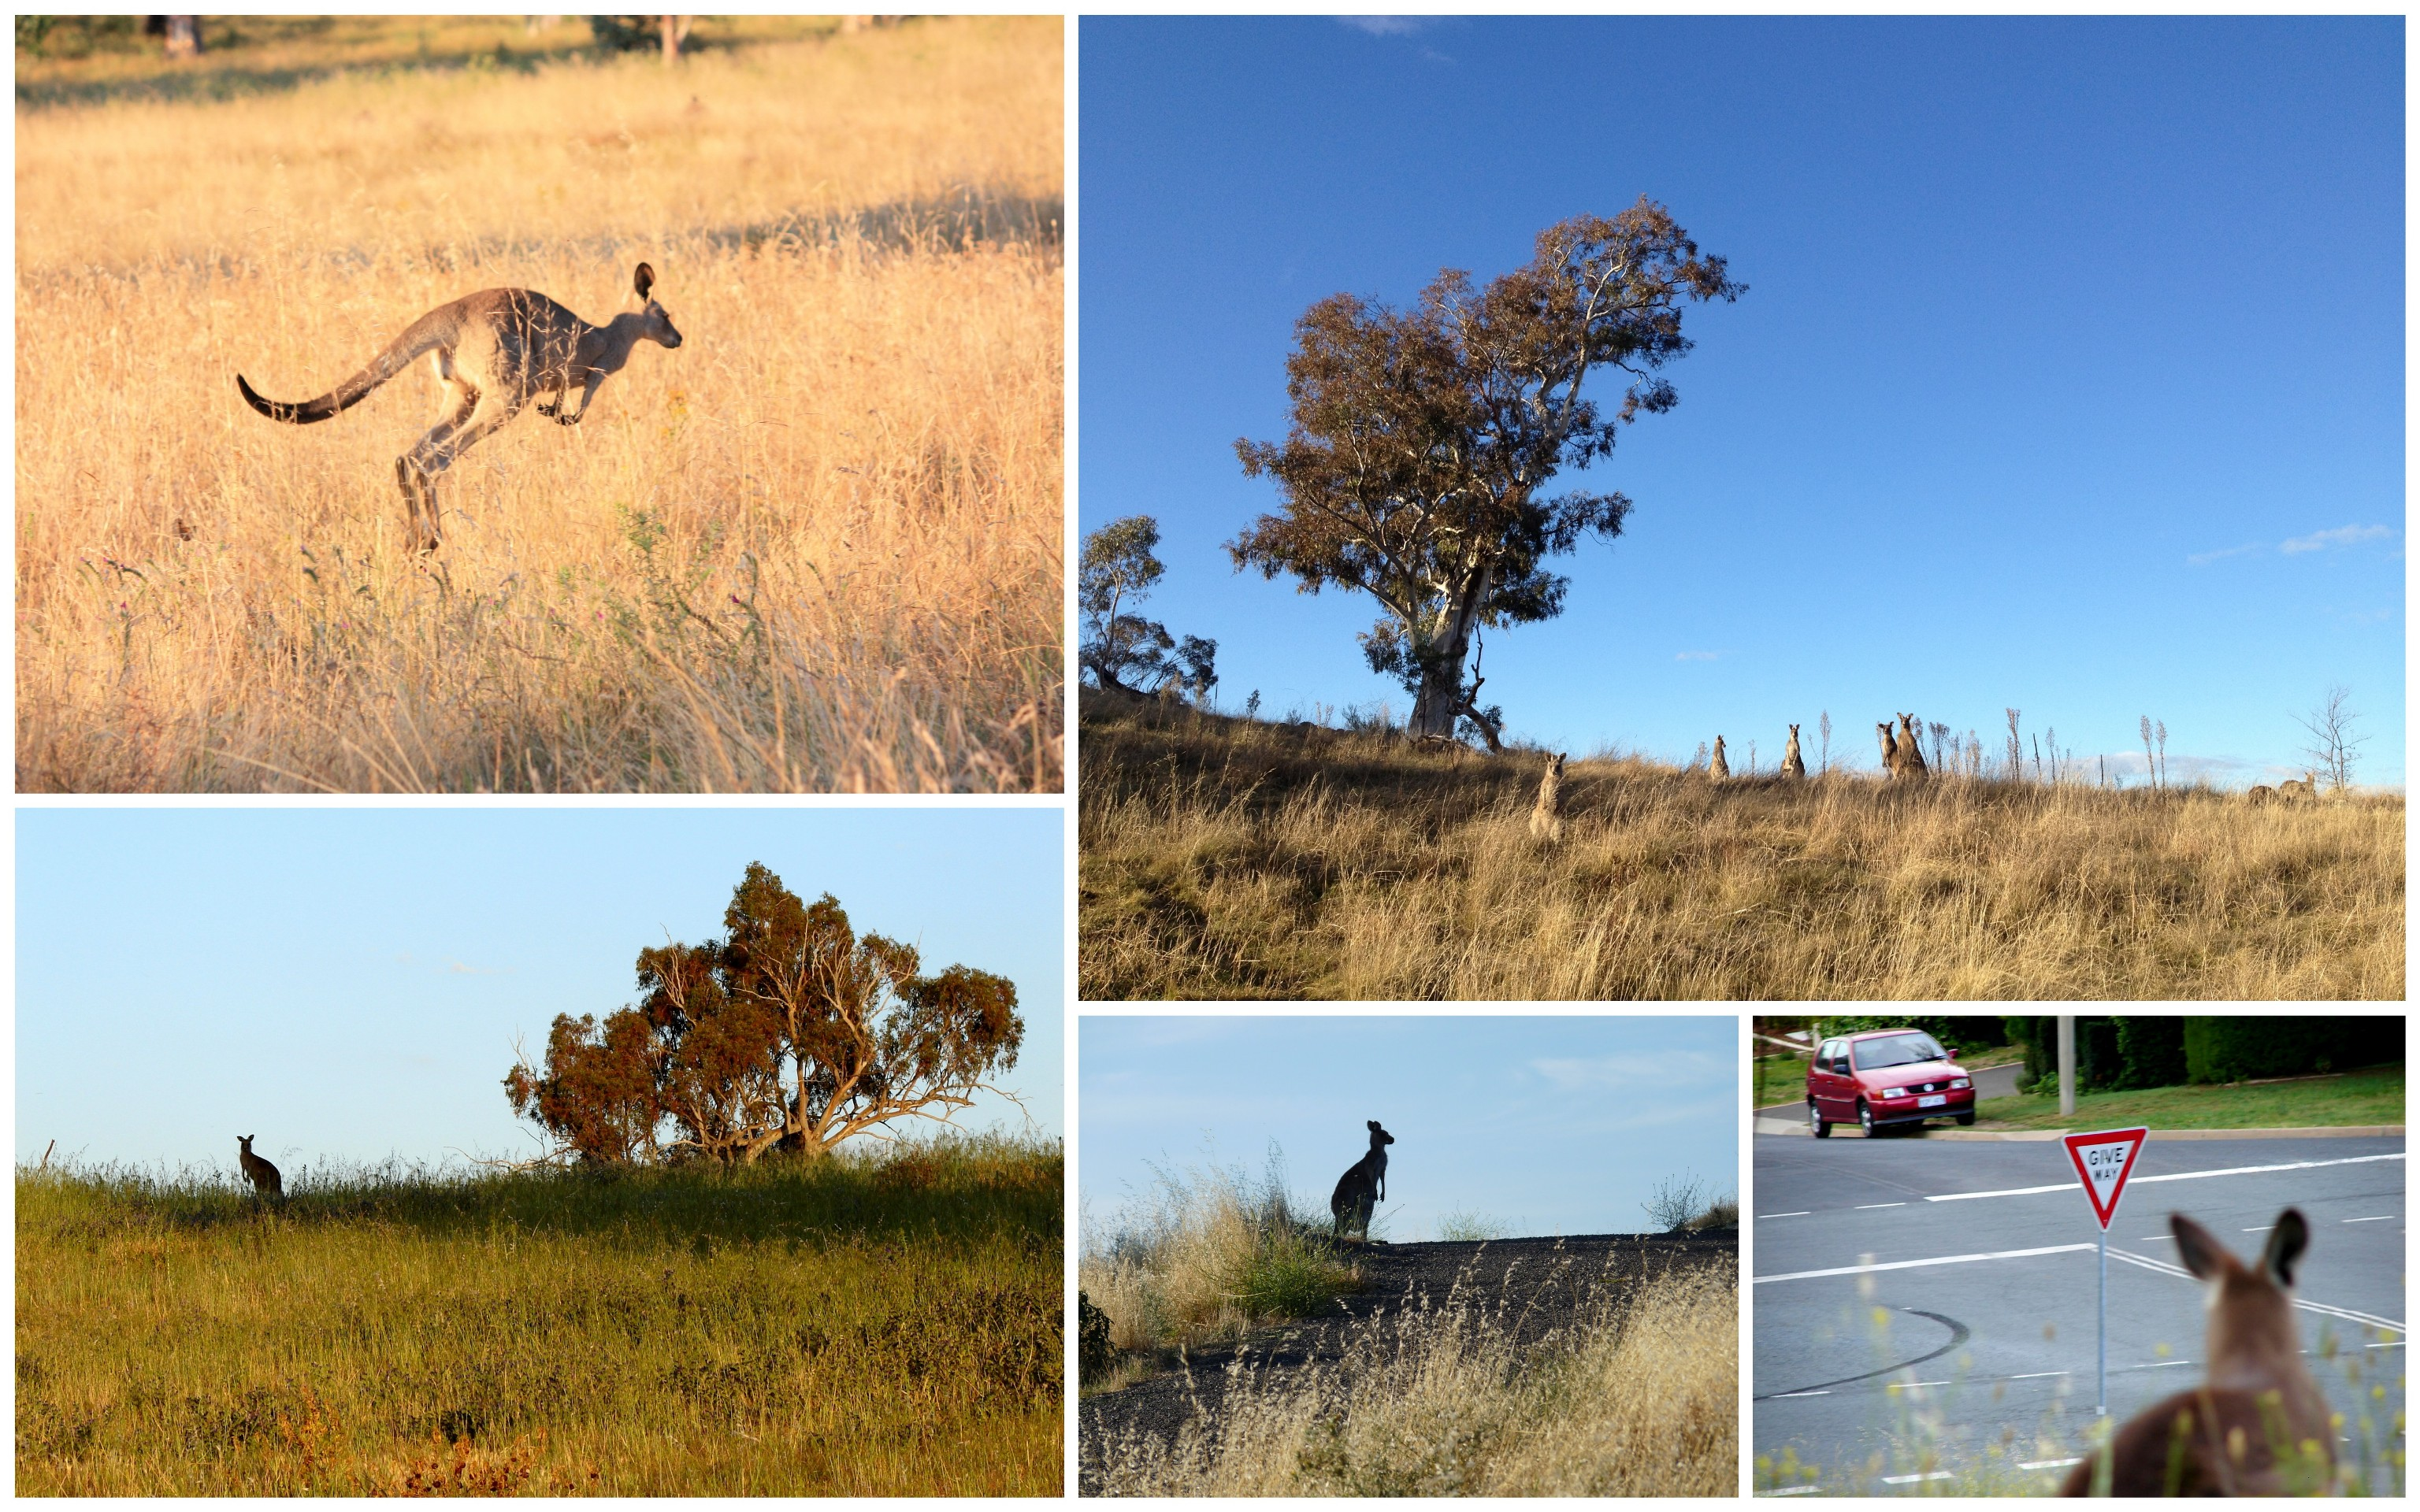 K_kangaroos